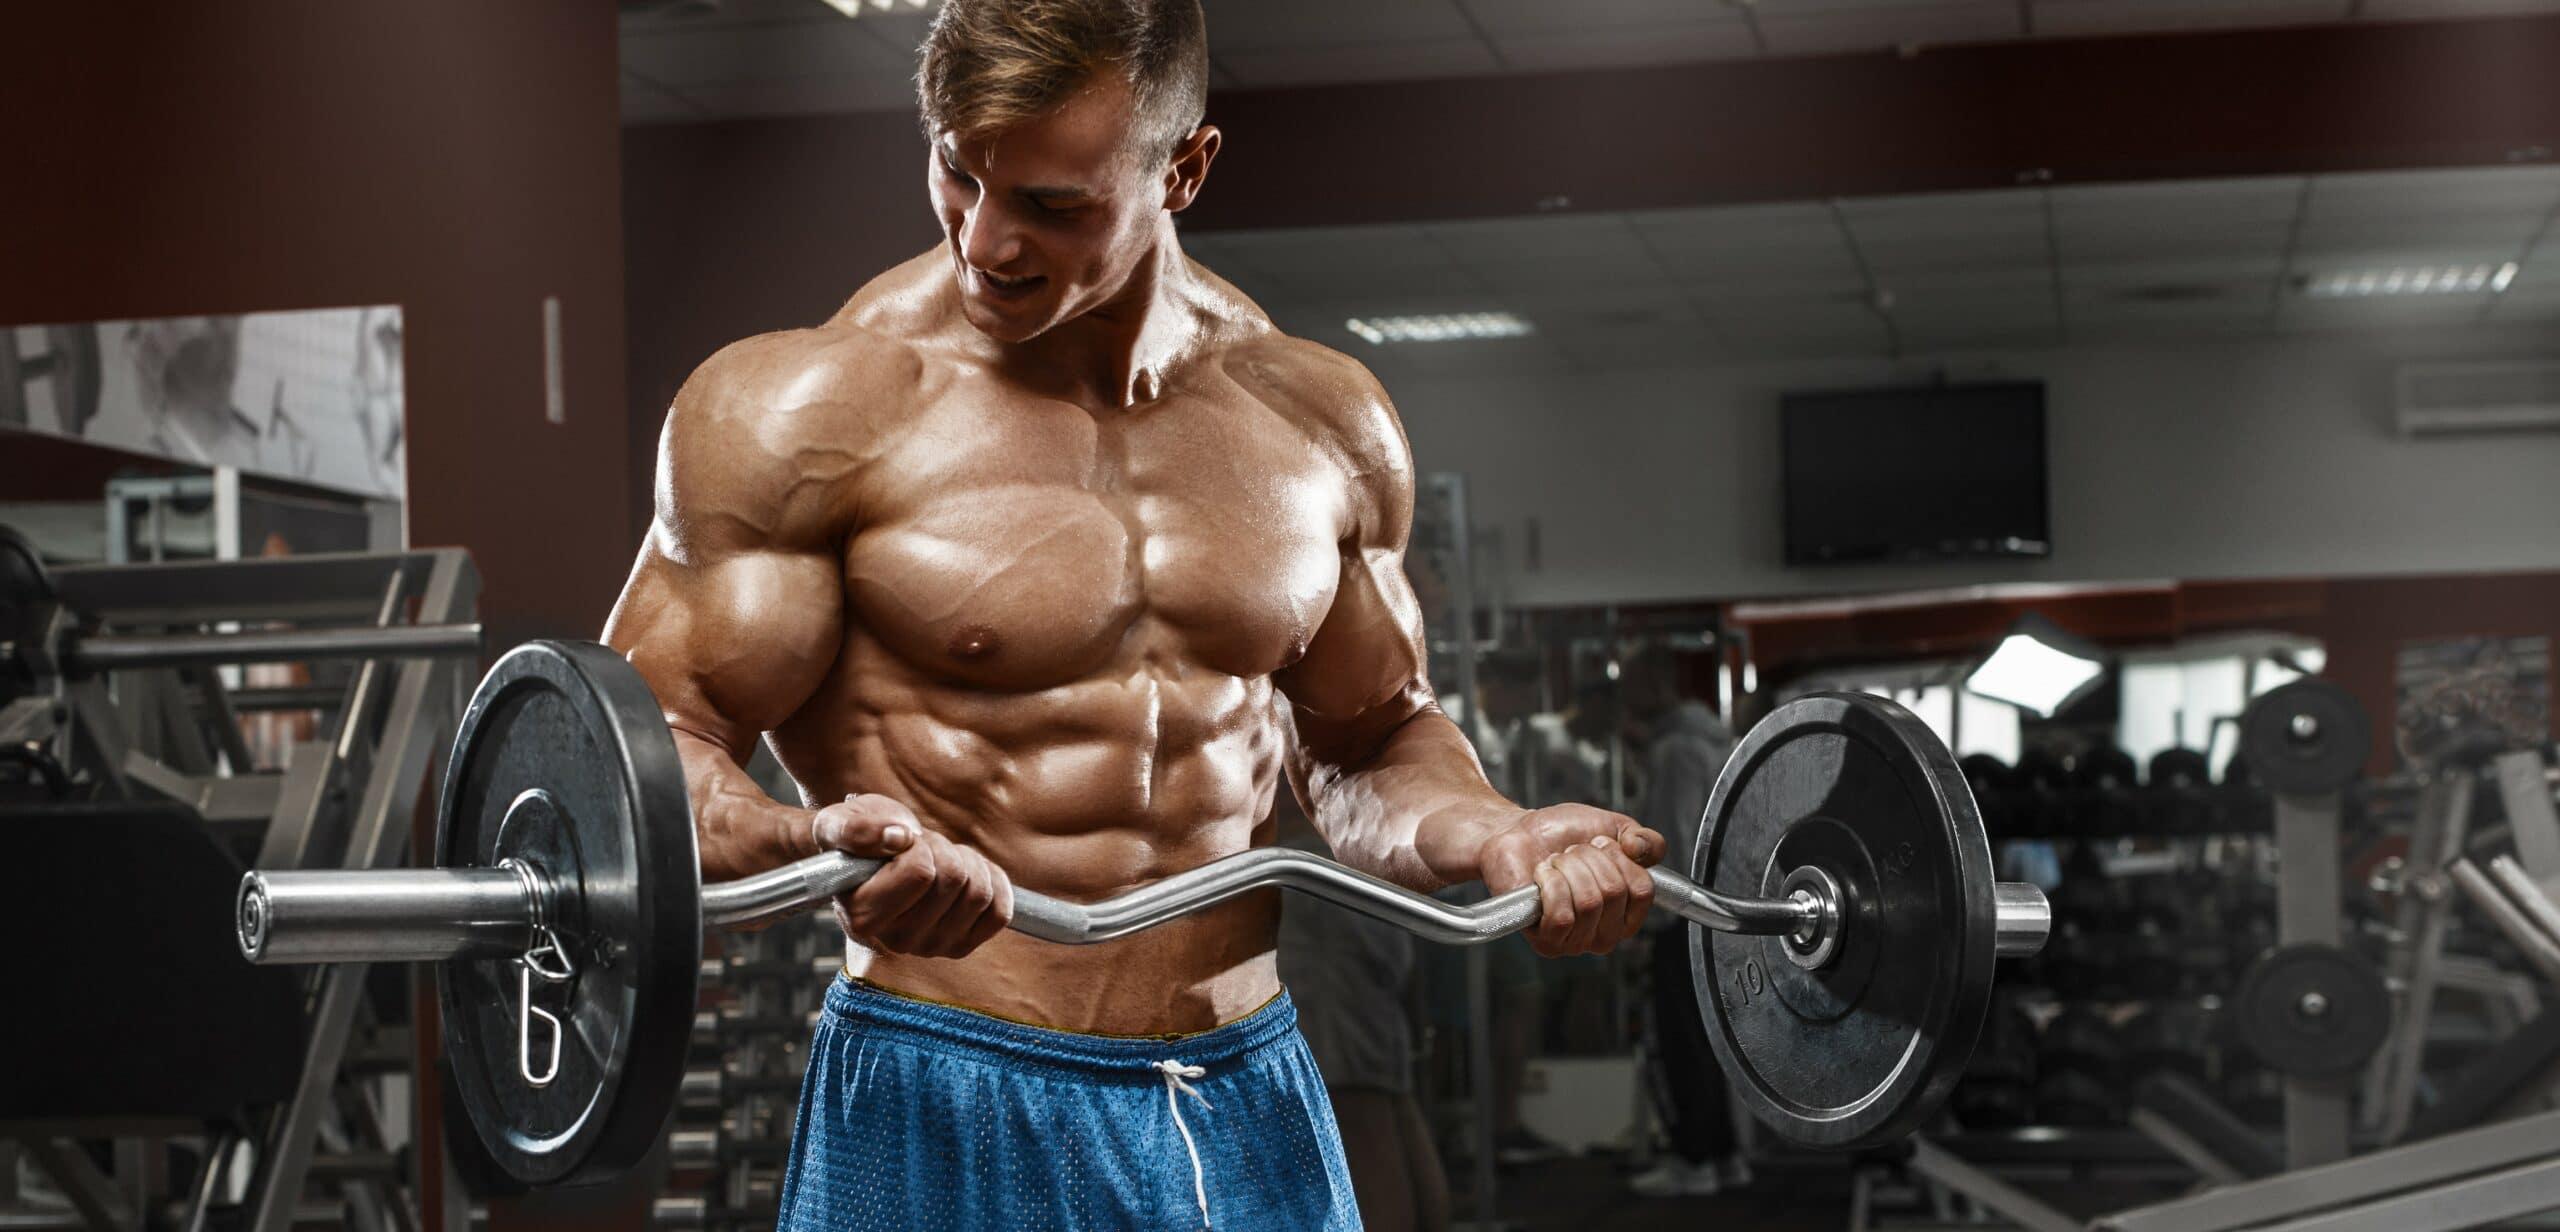 zma integratore per la palestra e il bodybuilding